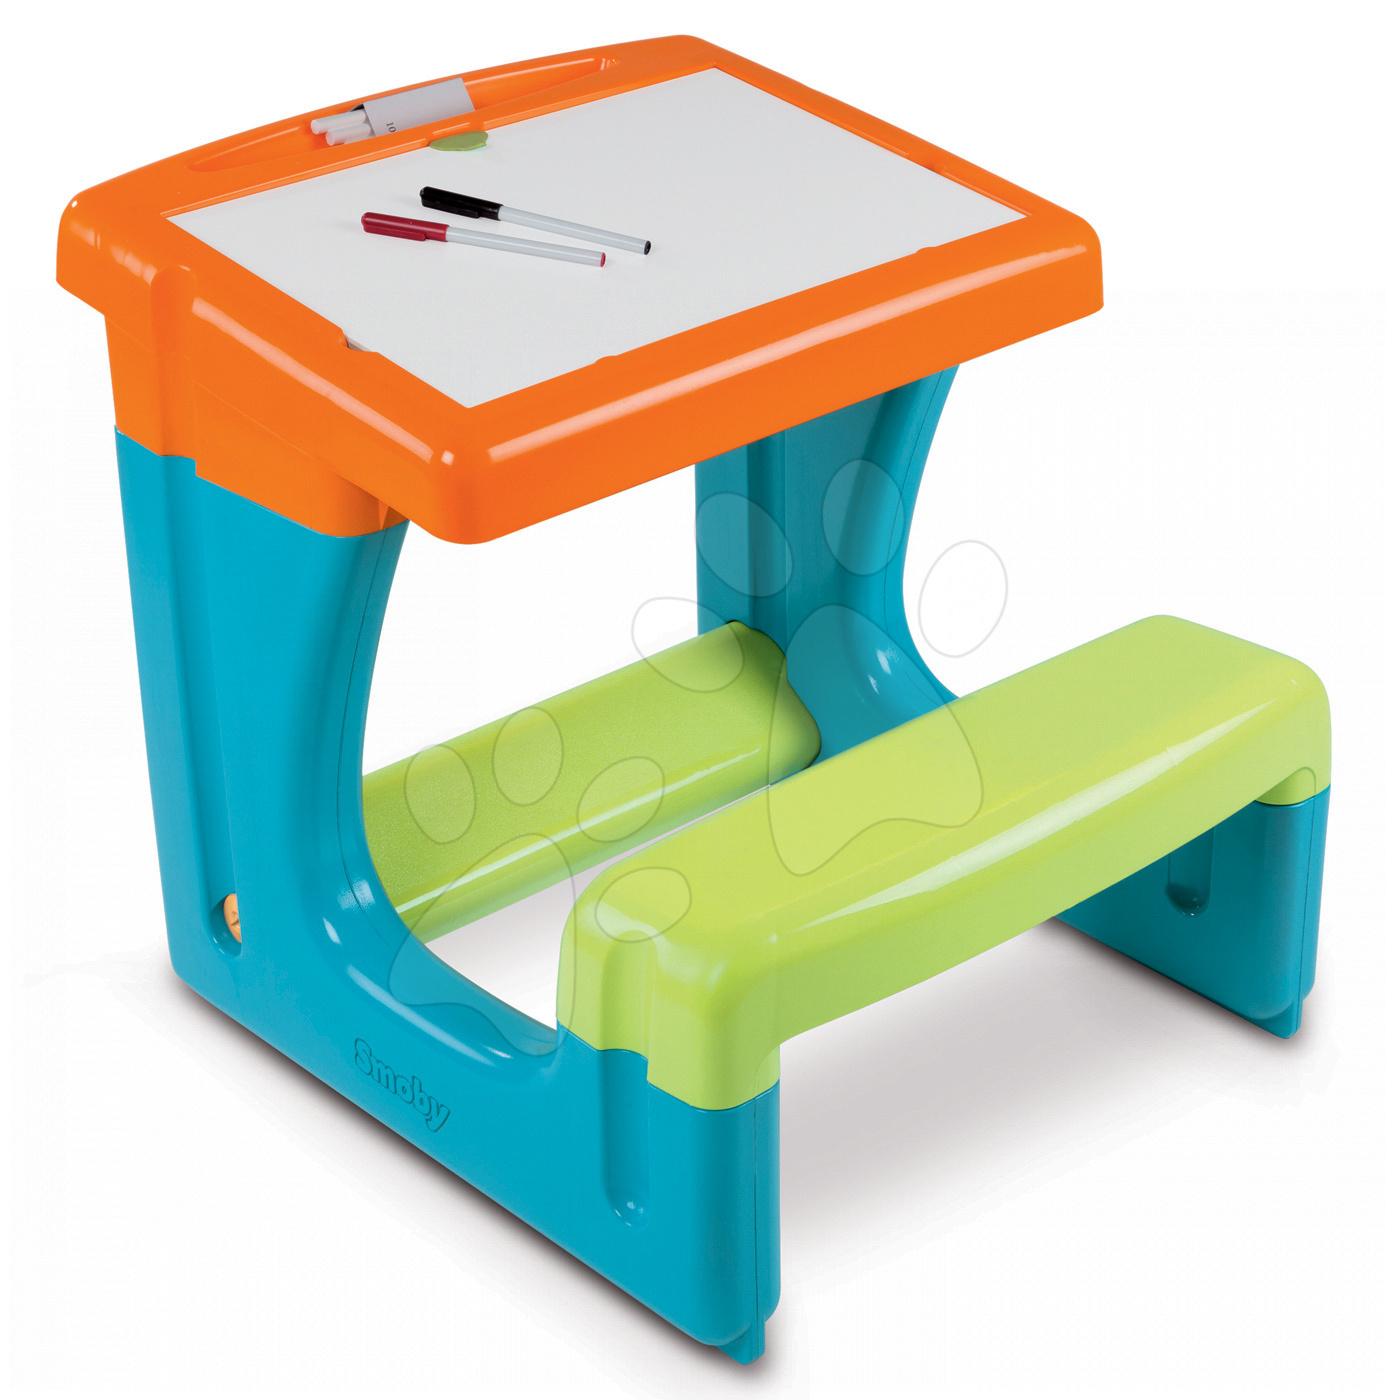 Školní lavice Smoby s úložným prostorem a 8 doplňky modro-oranžová